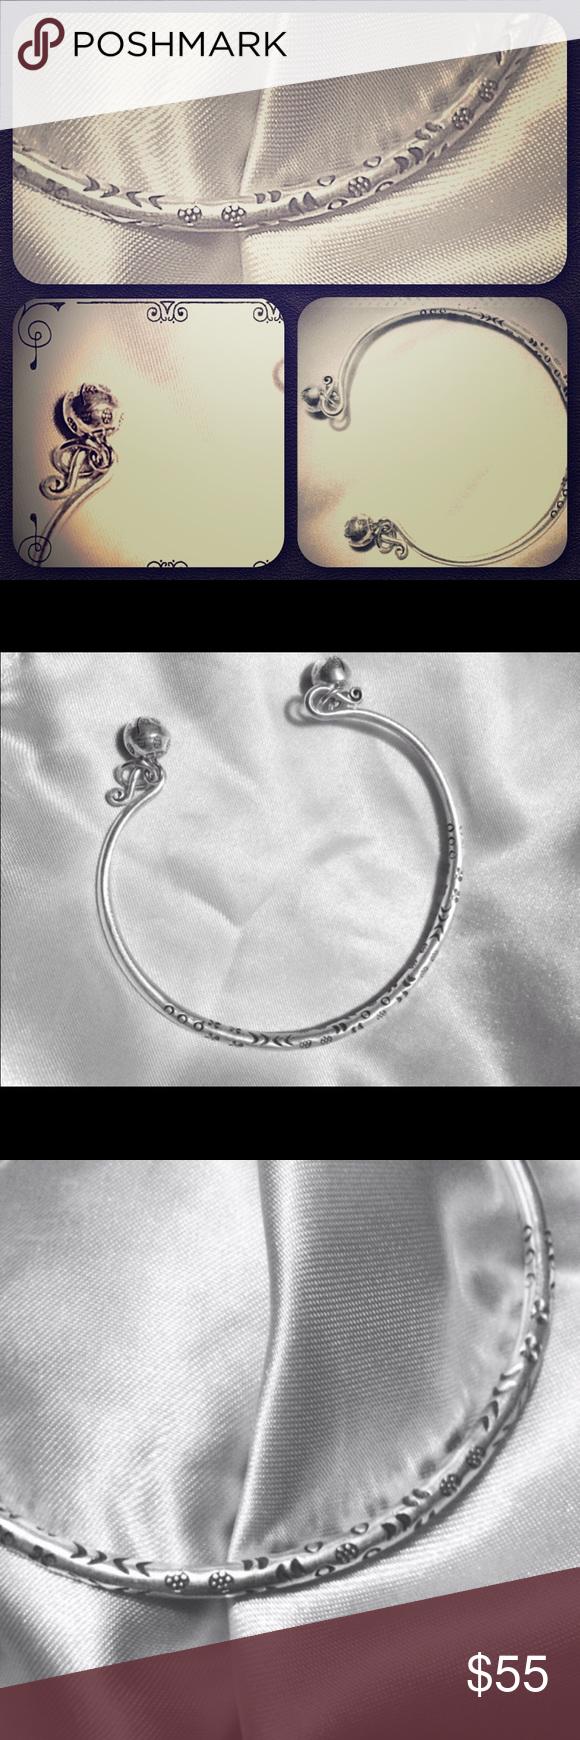 🌺NWT STERLING SILVER BRACELET🌺 🌹Beautiful Intrigue Design Sterling Silver Adjustable Bracelet Jewelry Bracelets